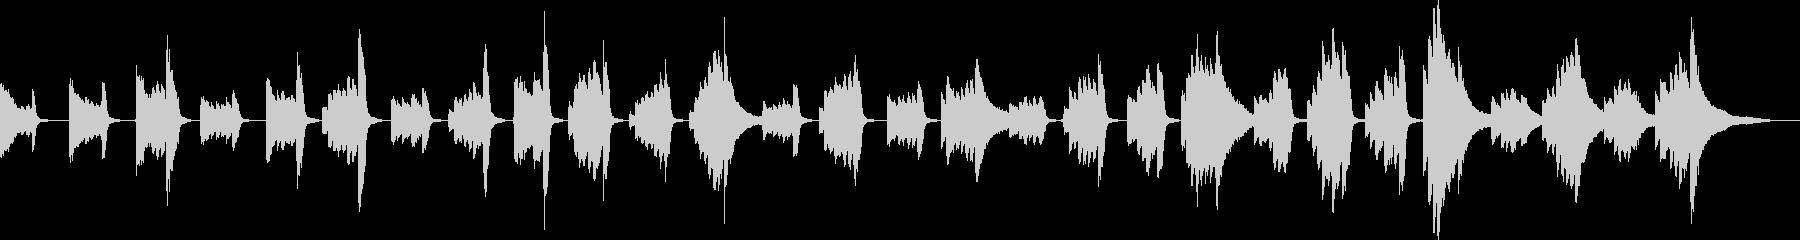 潜入のBGM(ピアノ)の未再生の波形